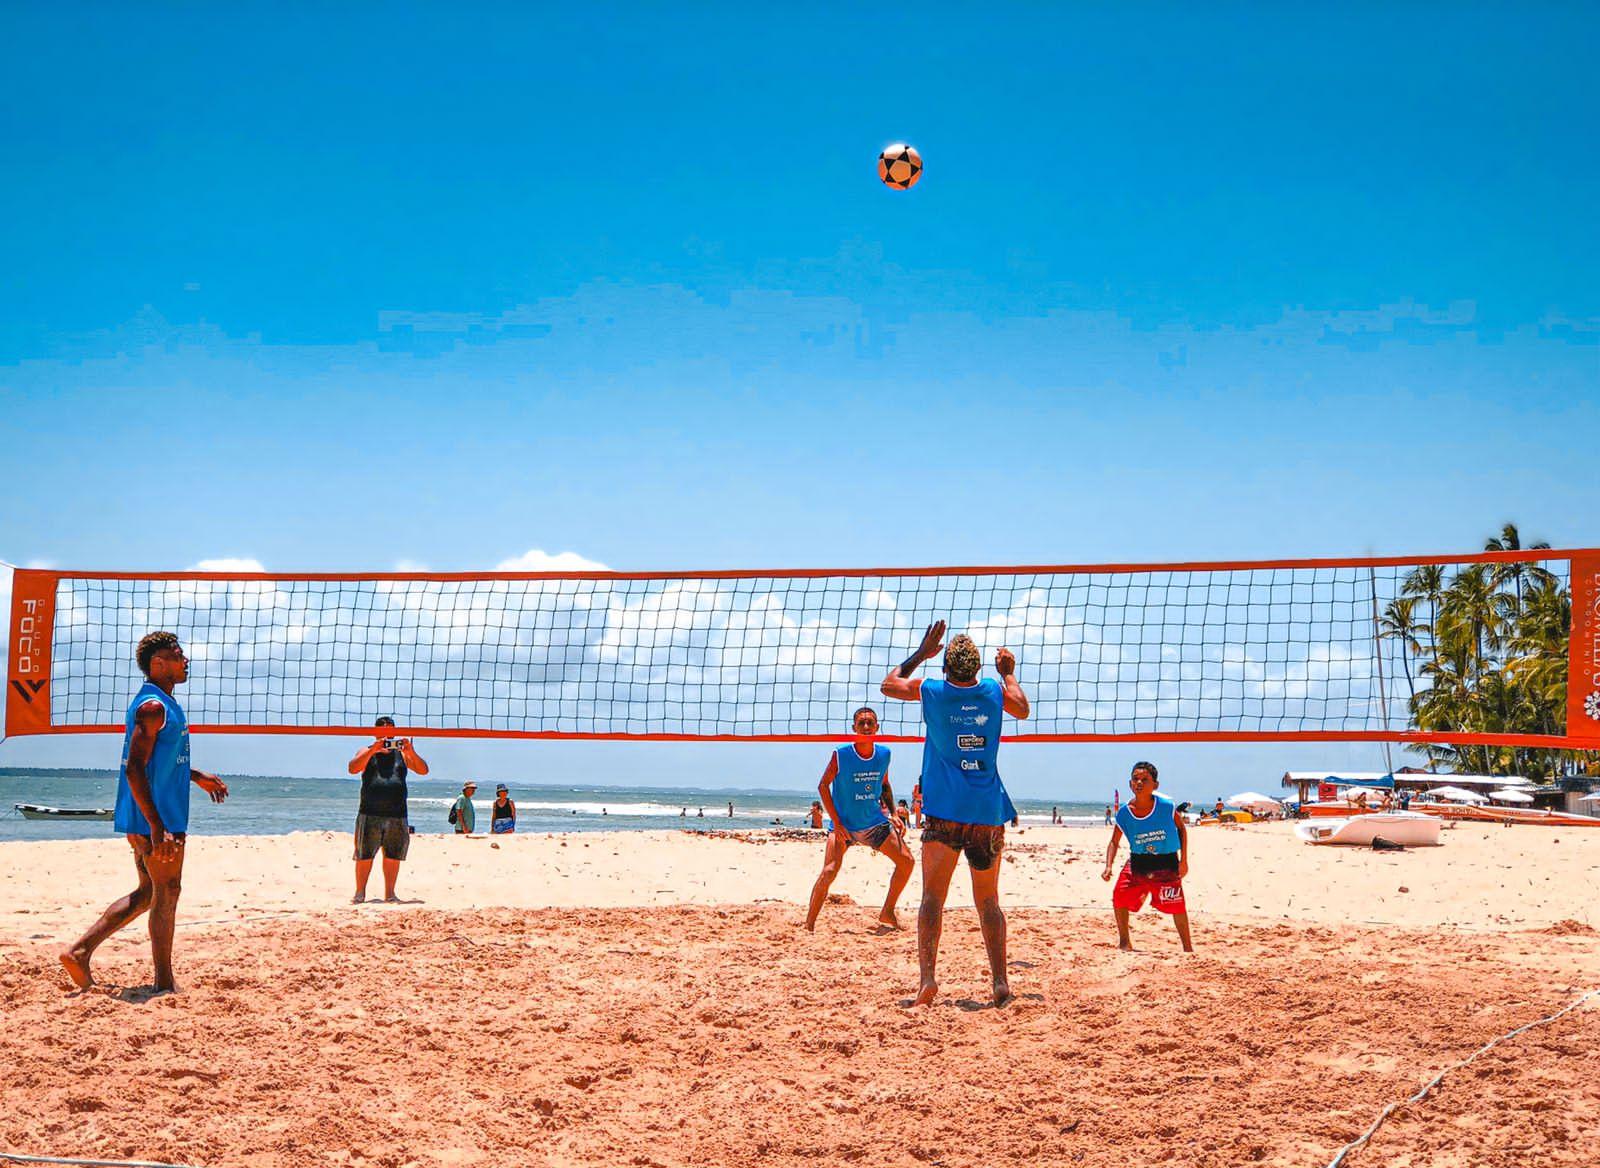 Torneio de Futevôlei reúne participantes de diversas cidades do país em Barra Grande